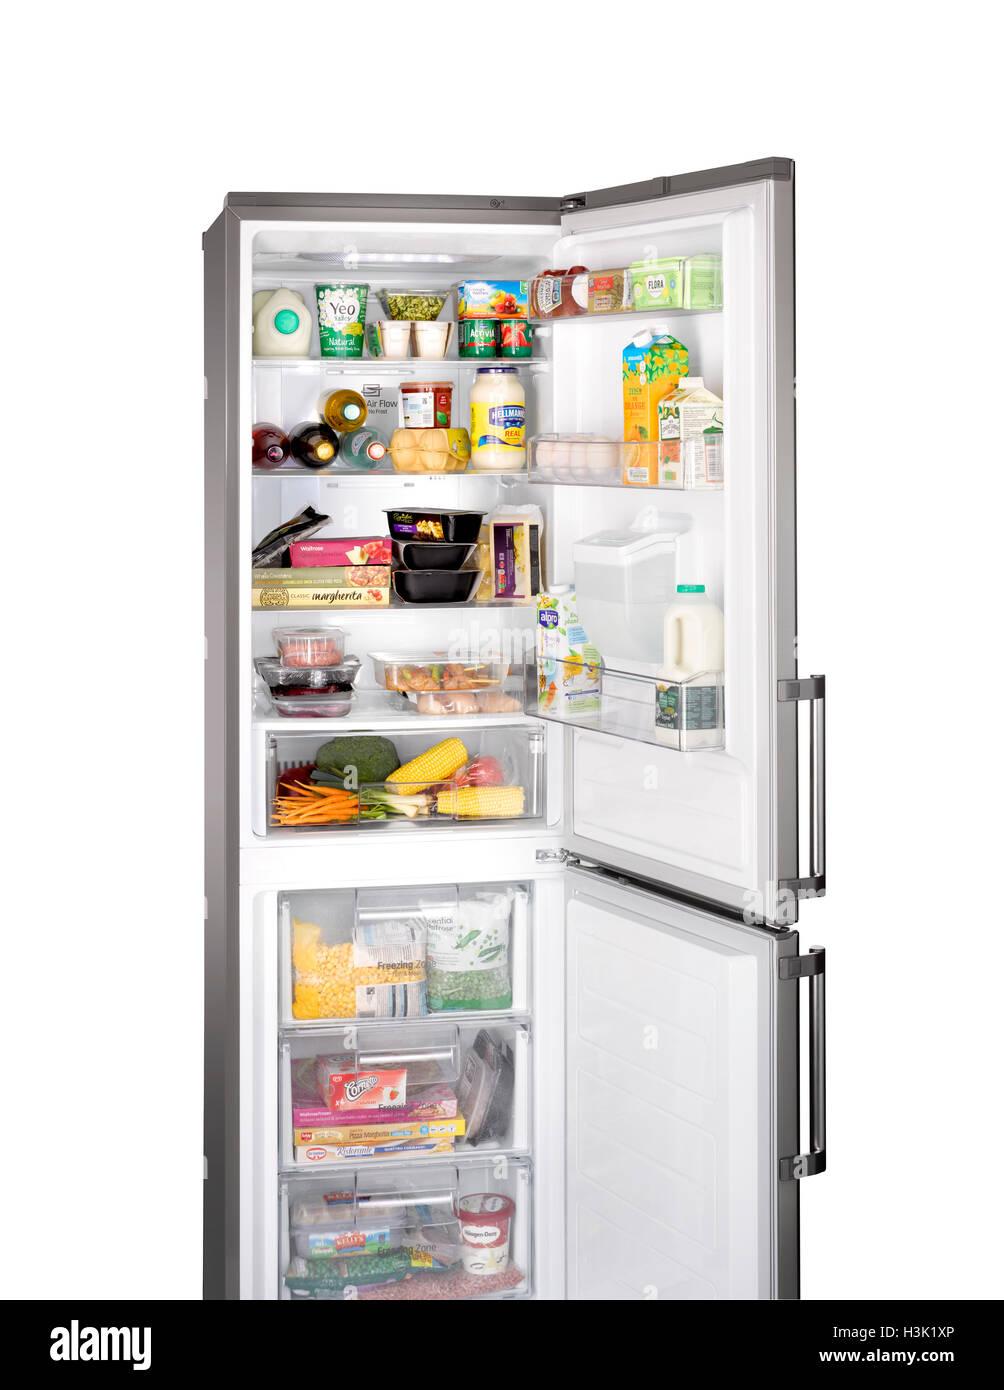 Un taglio fuori tiro aperto di un frigorifero con congelatore Immagini Stock